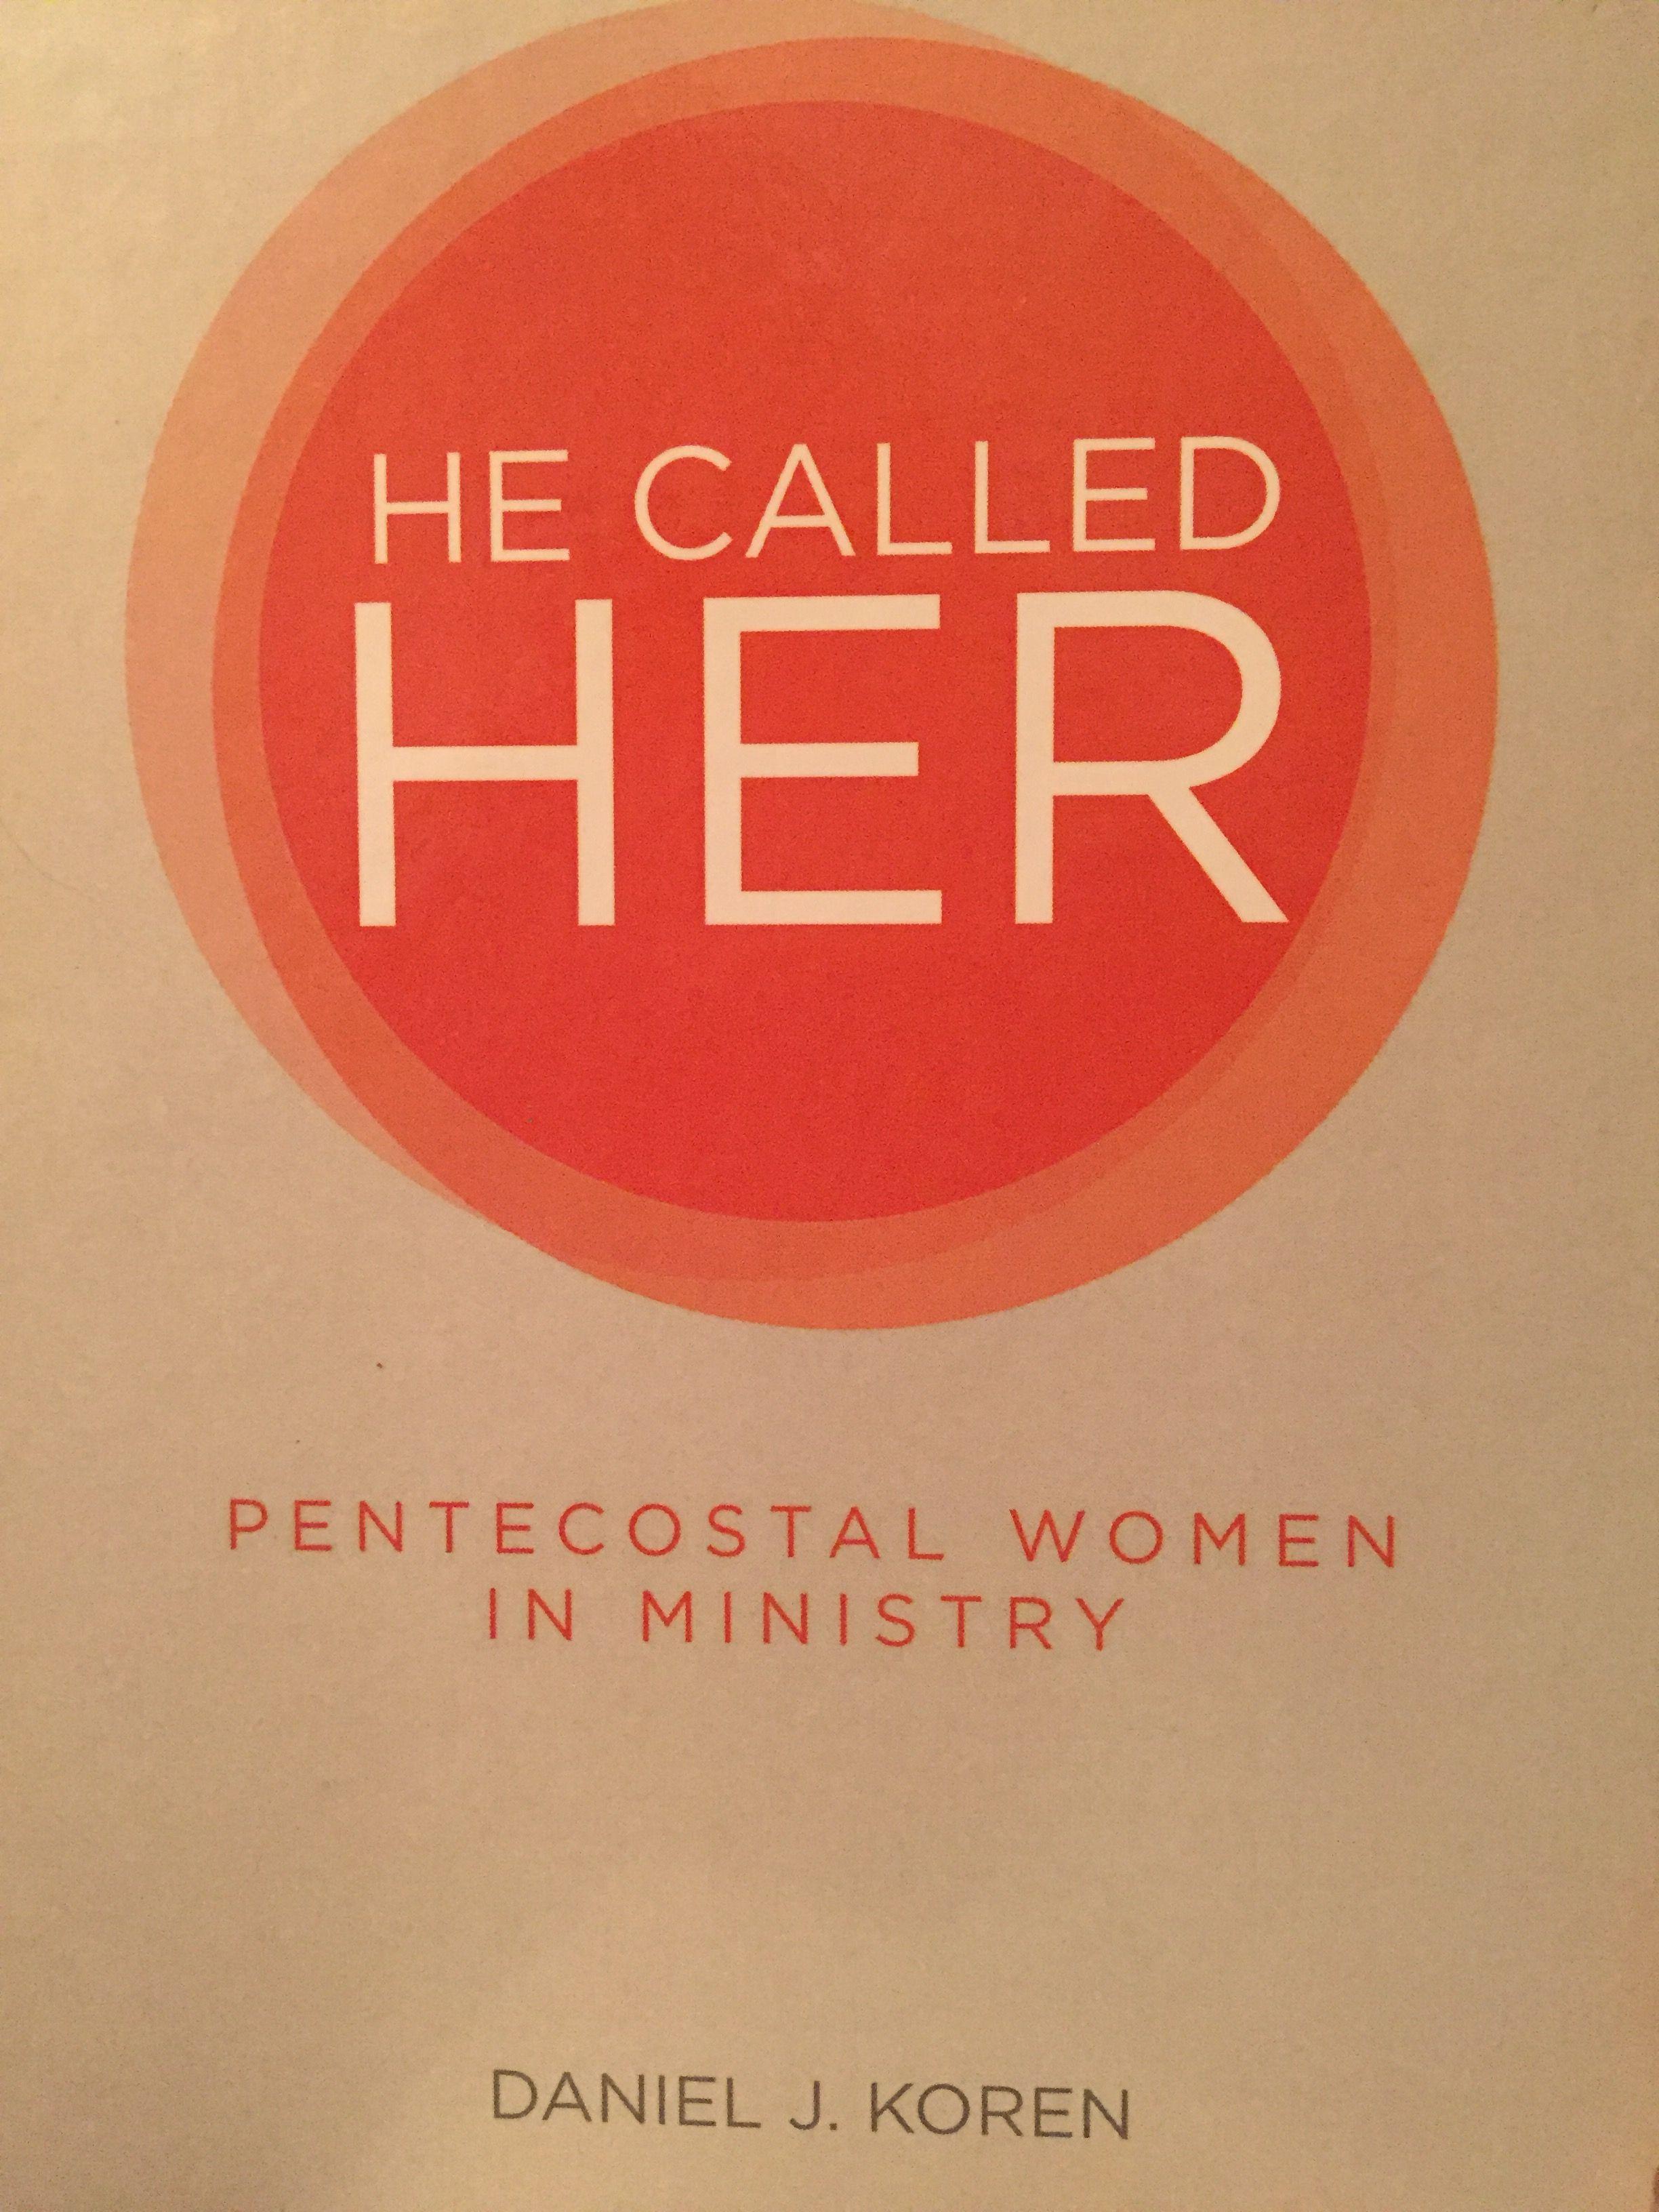 Pentecostal beliefs women